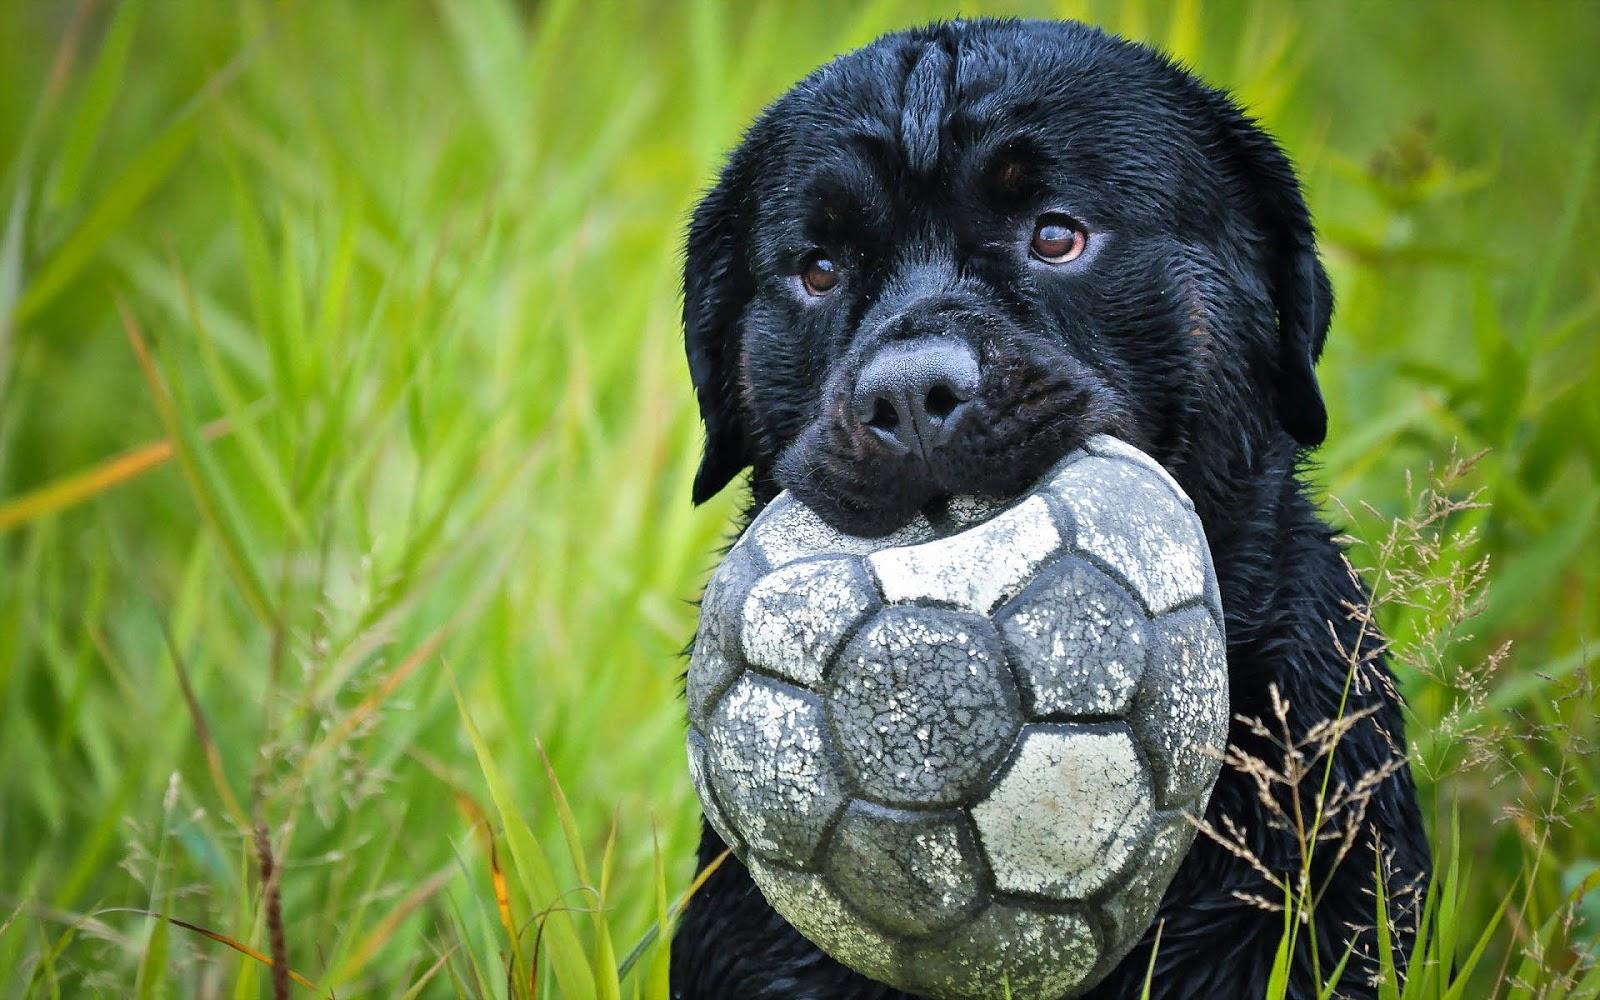 Hond met een lekke voetbal in zijn bek